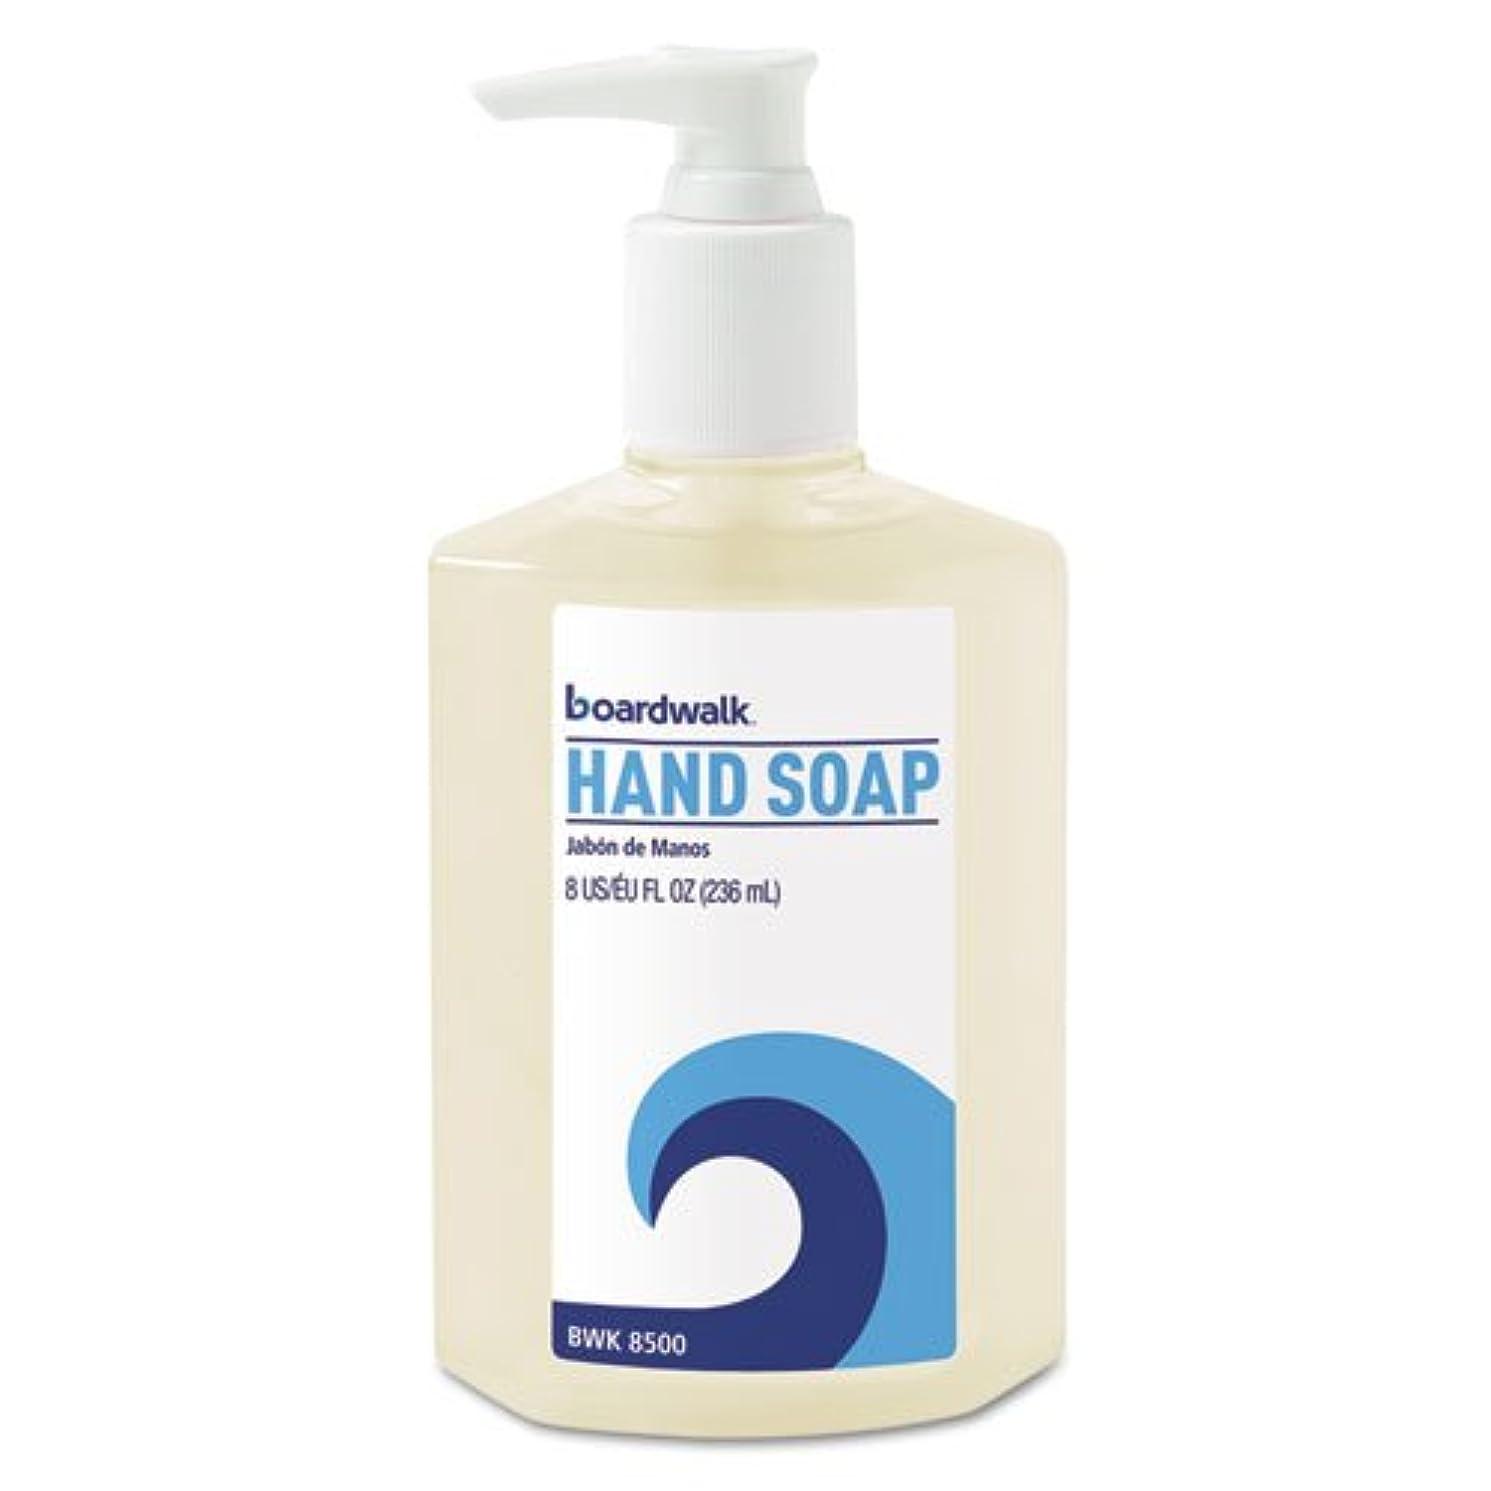 安らぎ最悪強制bwk8500 – Liquid Hand Soap